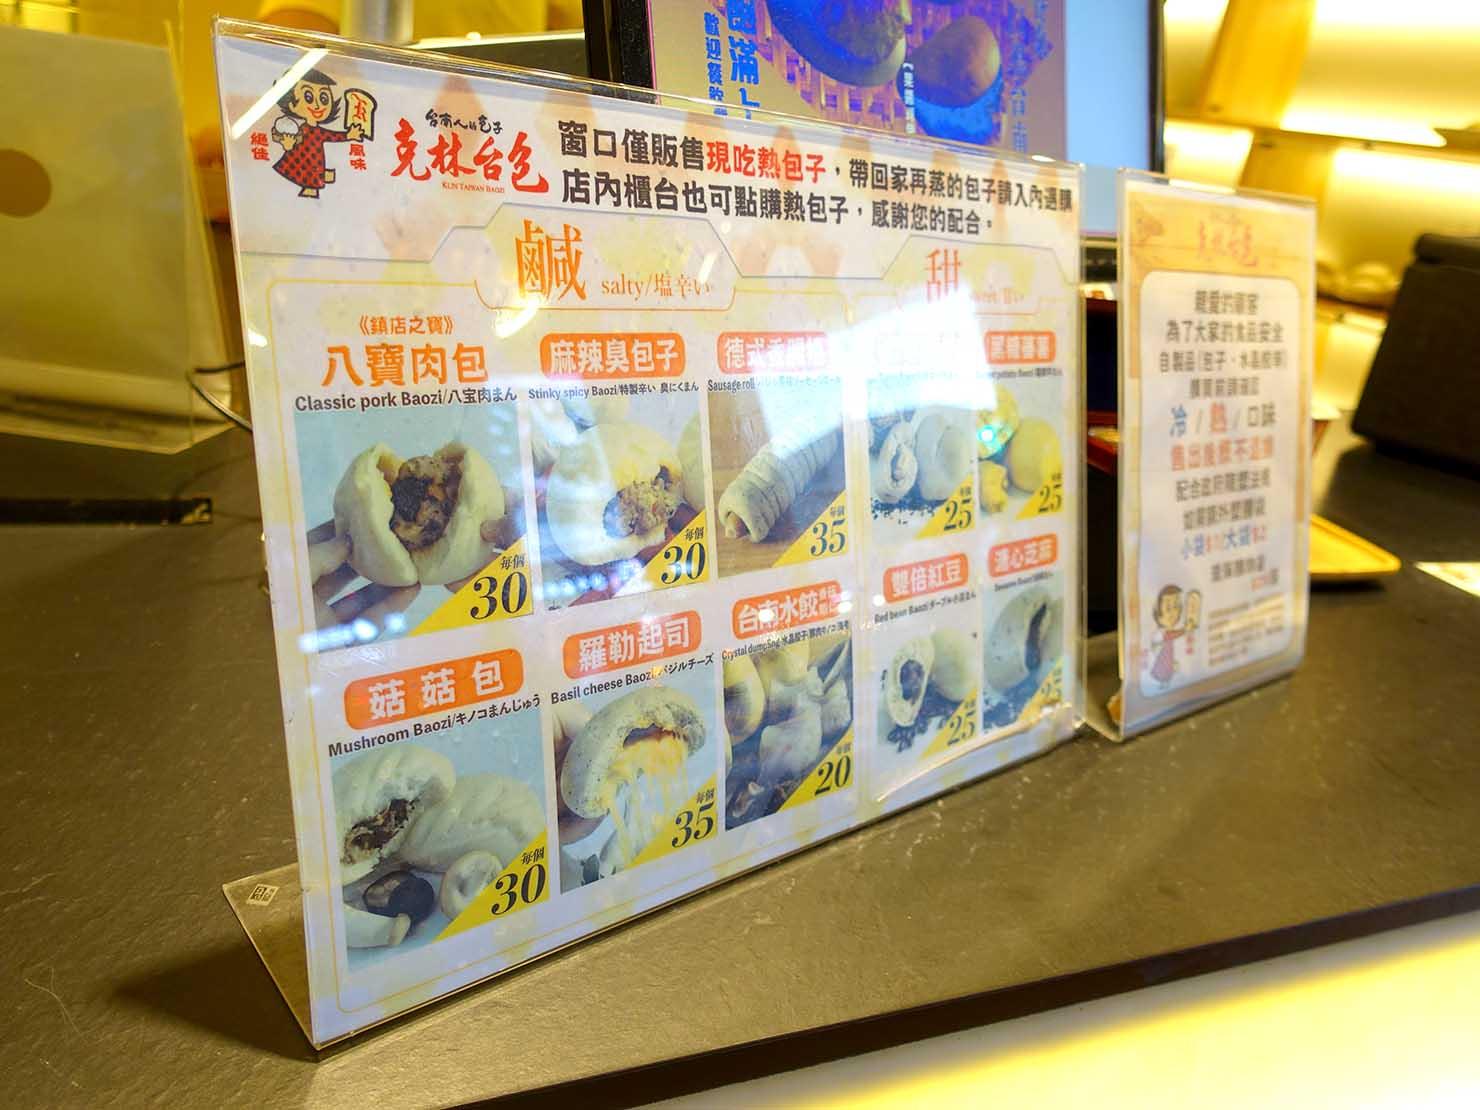 台南・孔廟エリアのおすすめグルメ店「克林台包」のメニュー